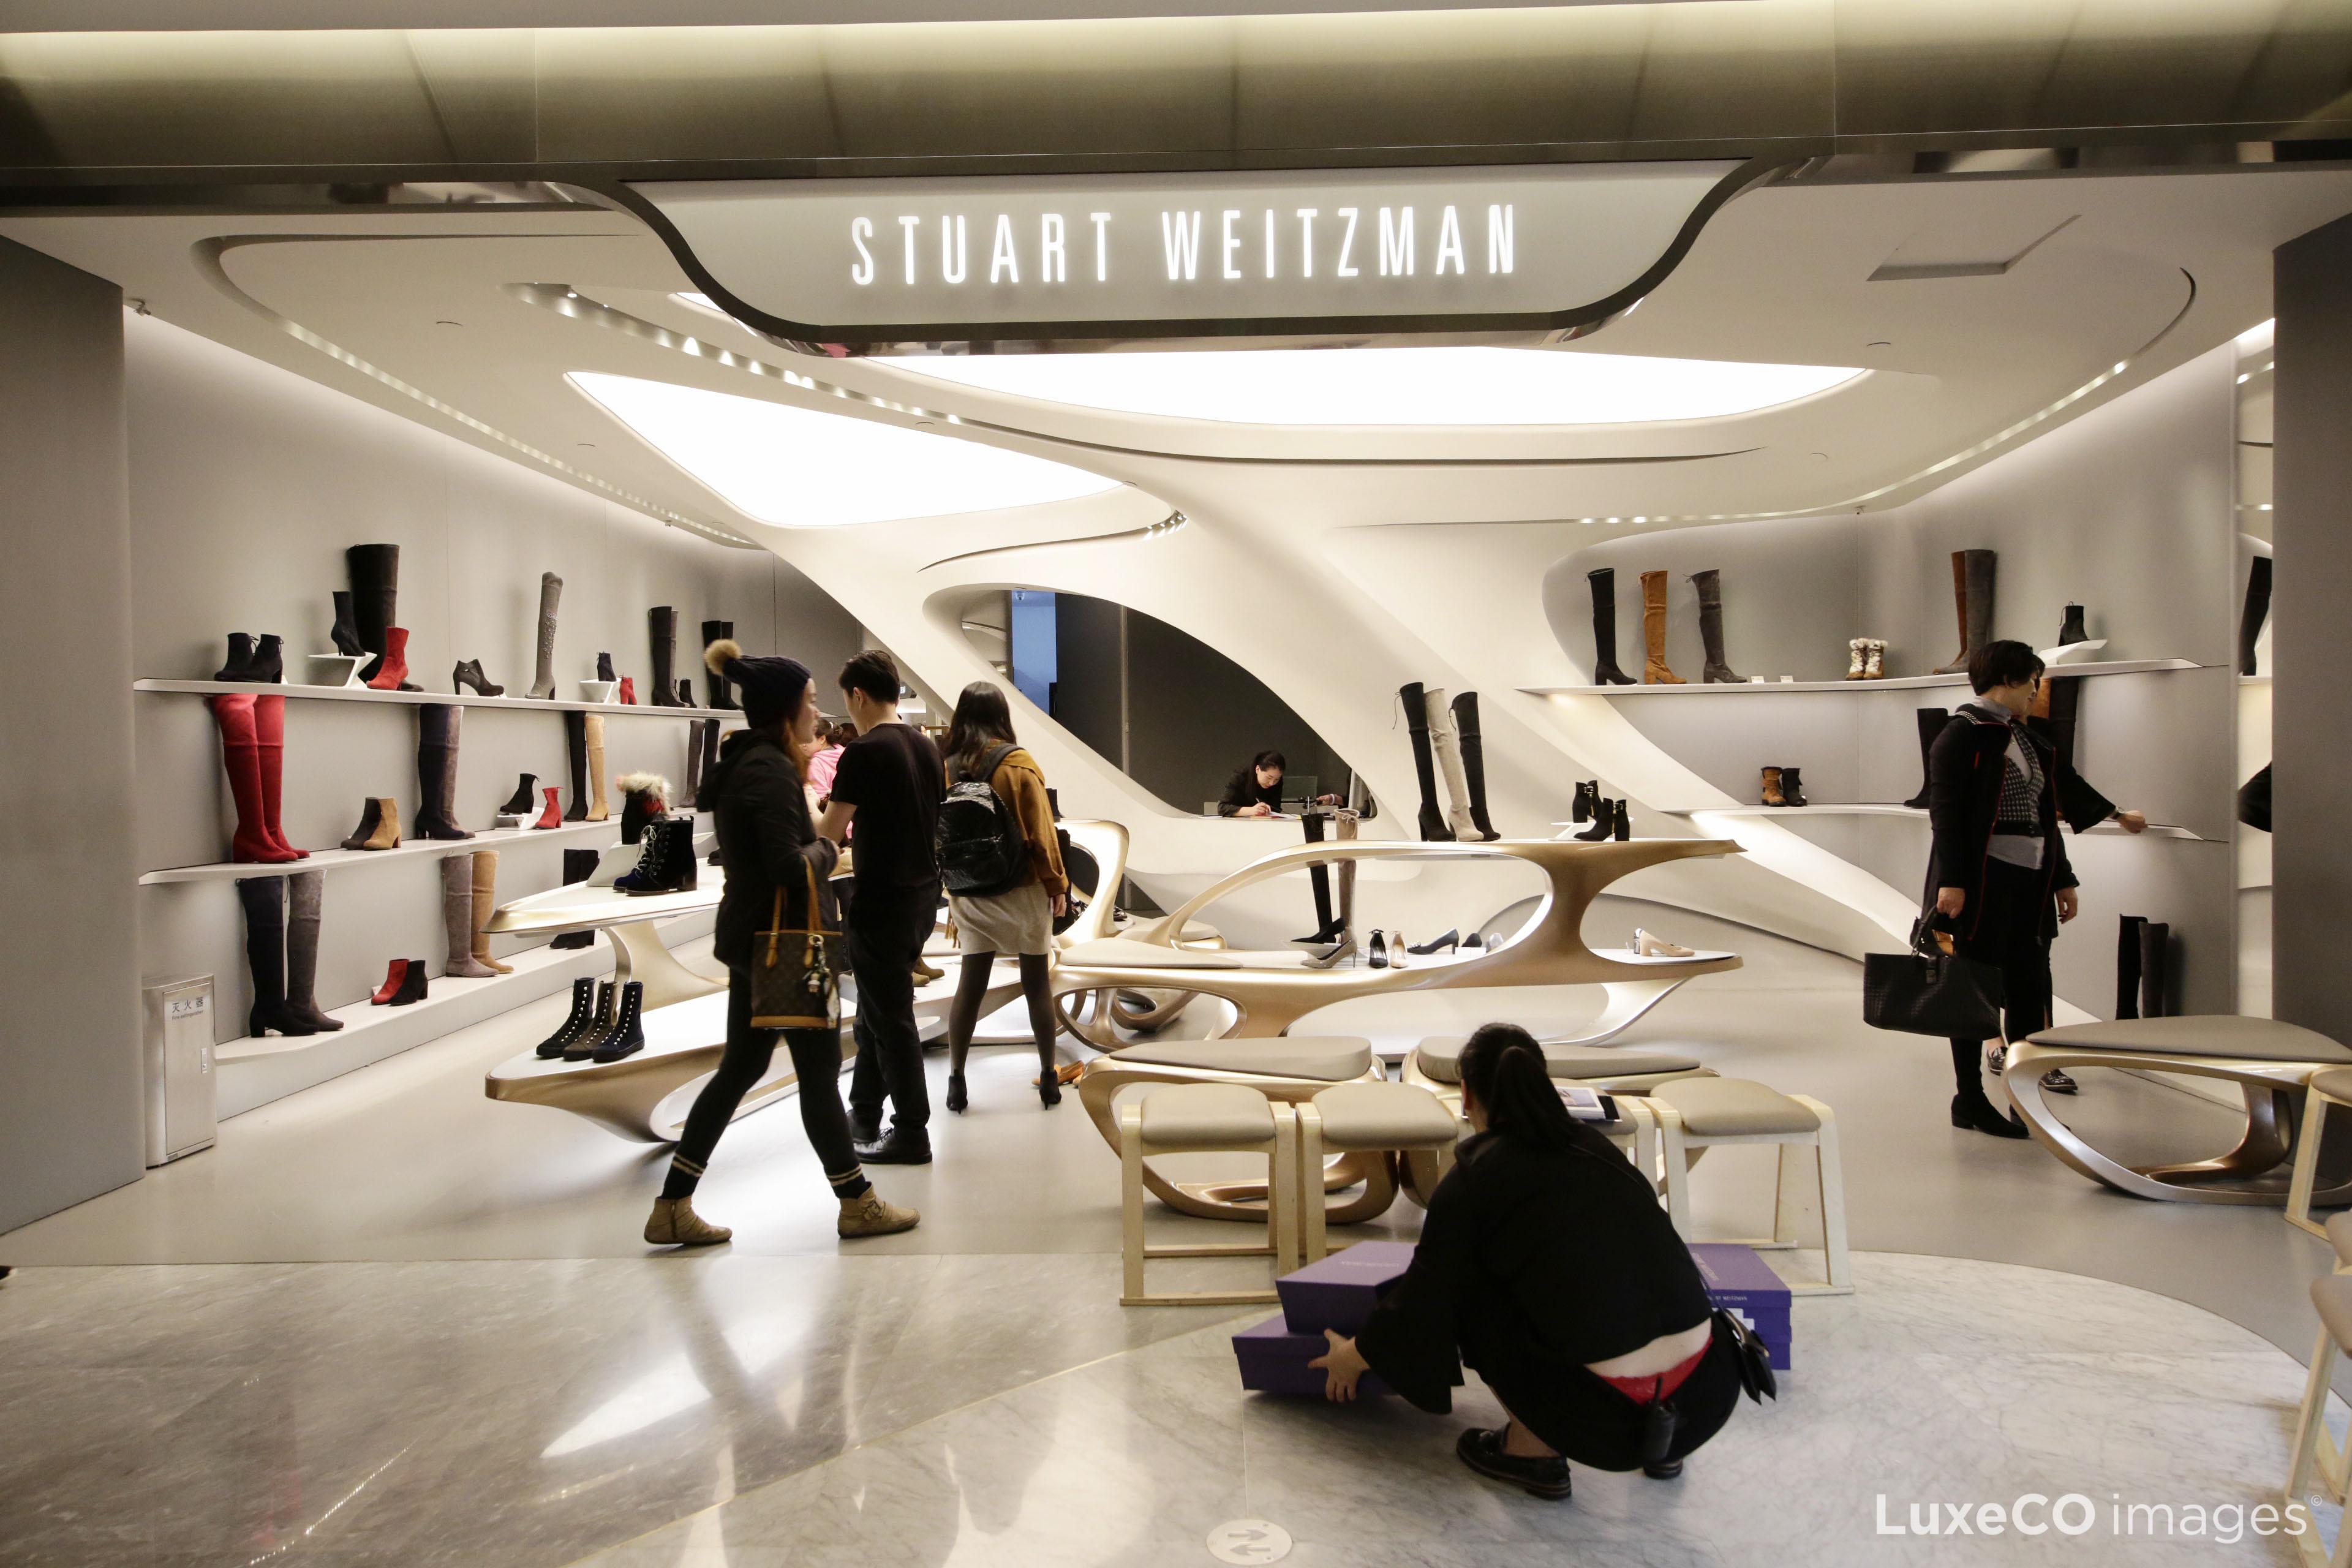 Stuart Weitzman创意总监、意大利设计师Giovanni Morelli因不当行为离职